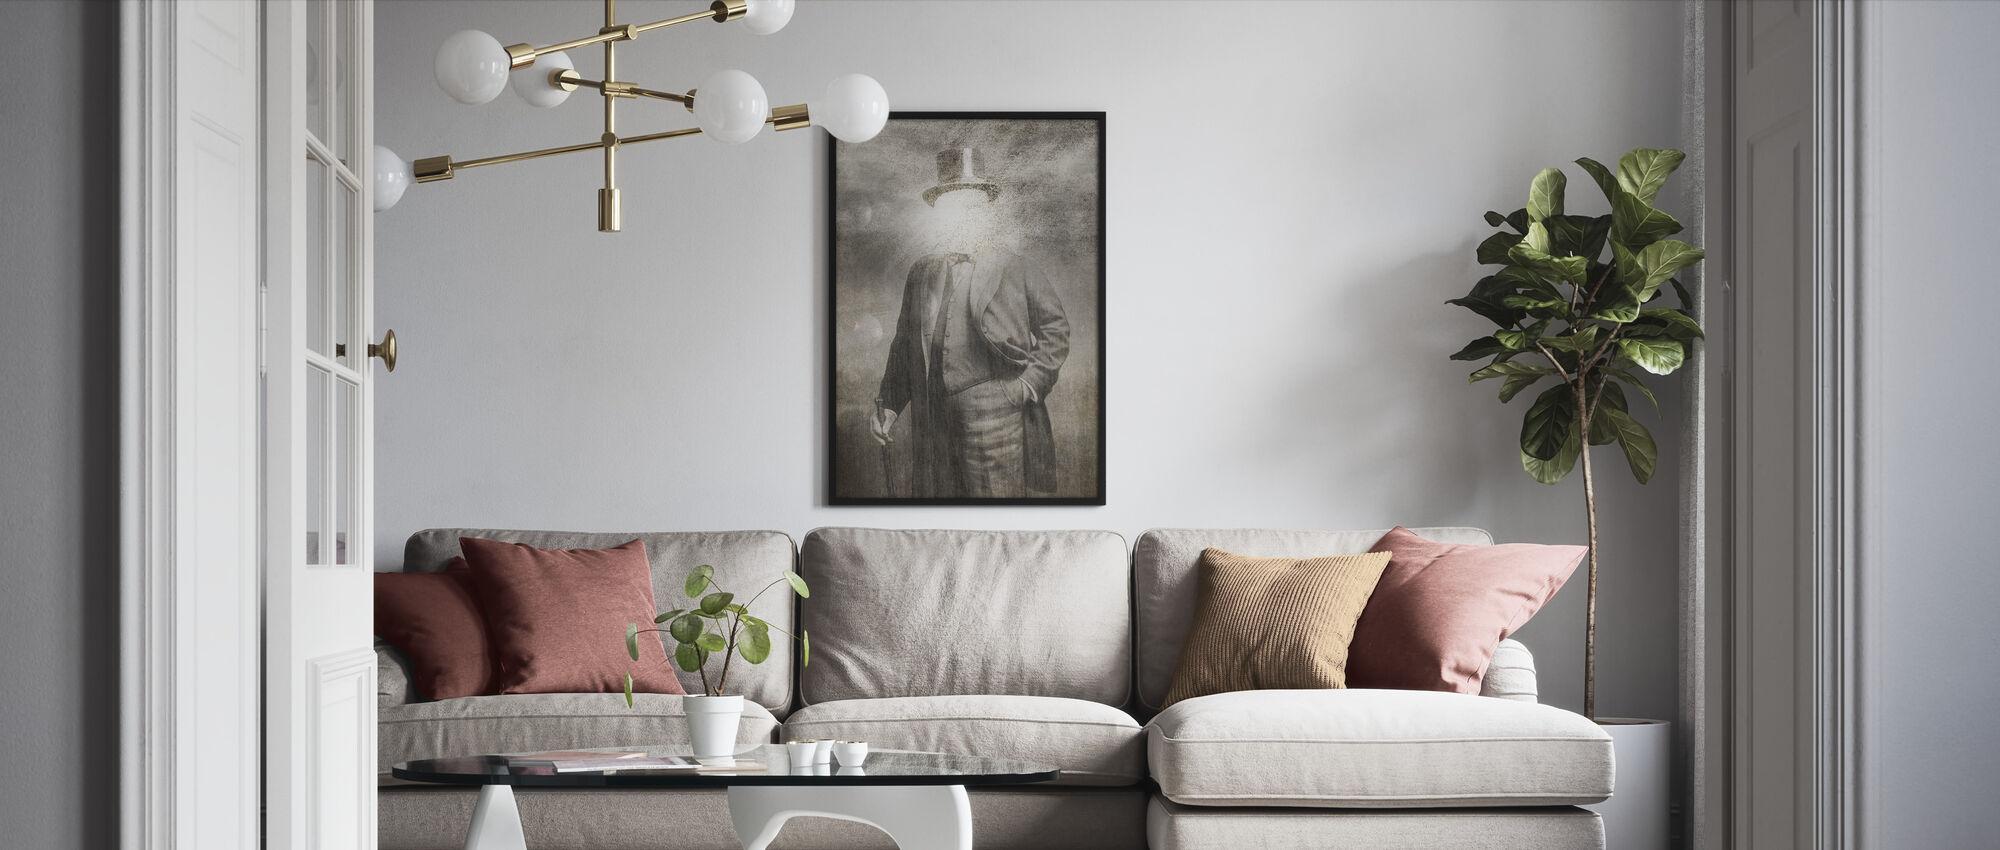 Mr. Sunshine - Framed print - Living Room